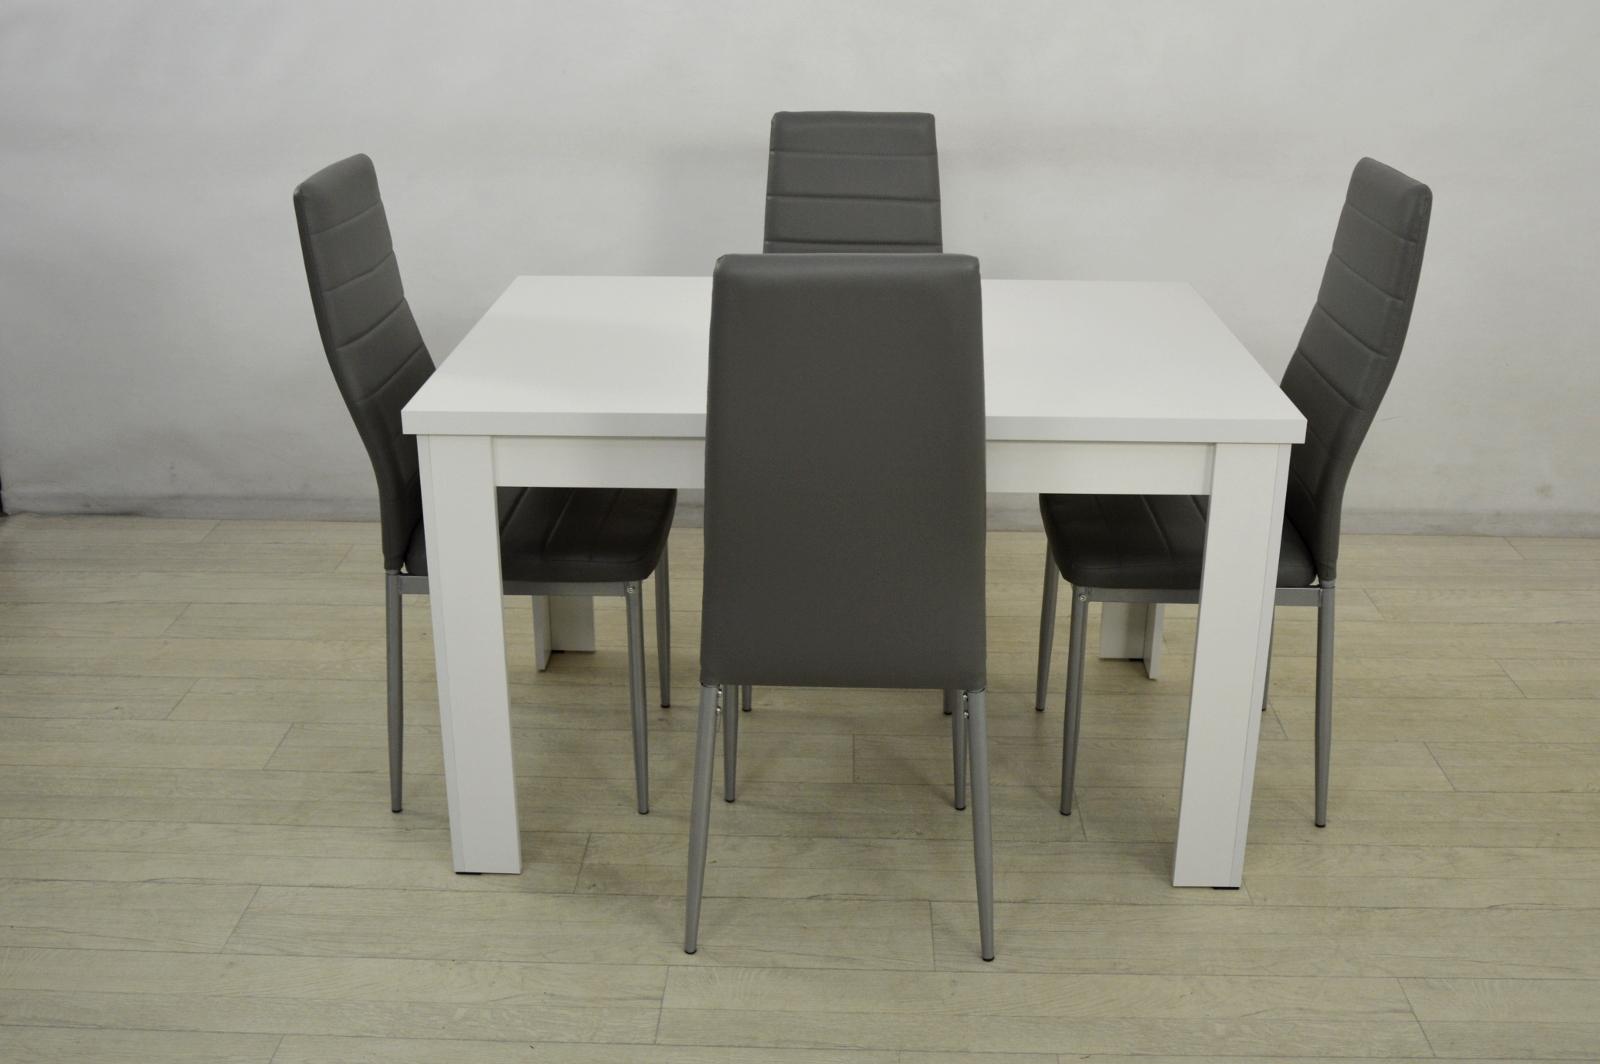 Zestaw JACKED Stół i 4 krzesła Nowoczesne szare 726 zł